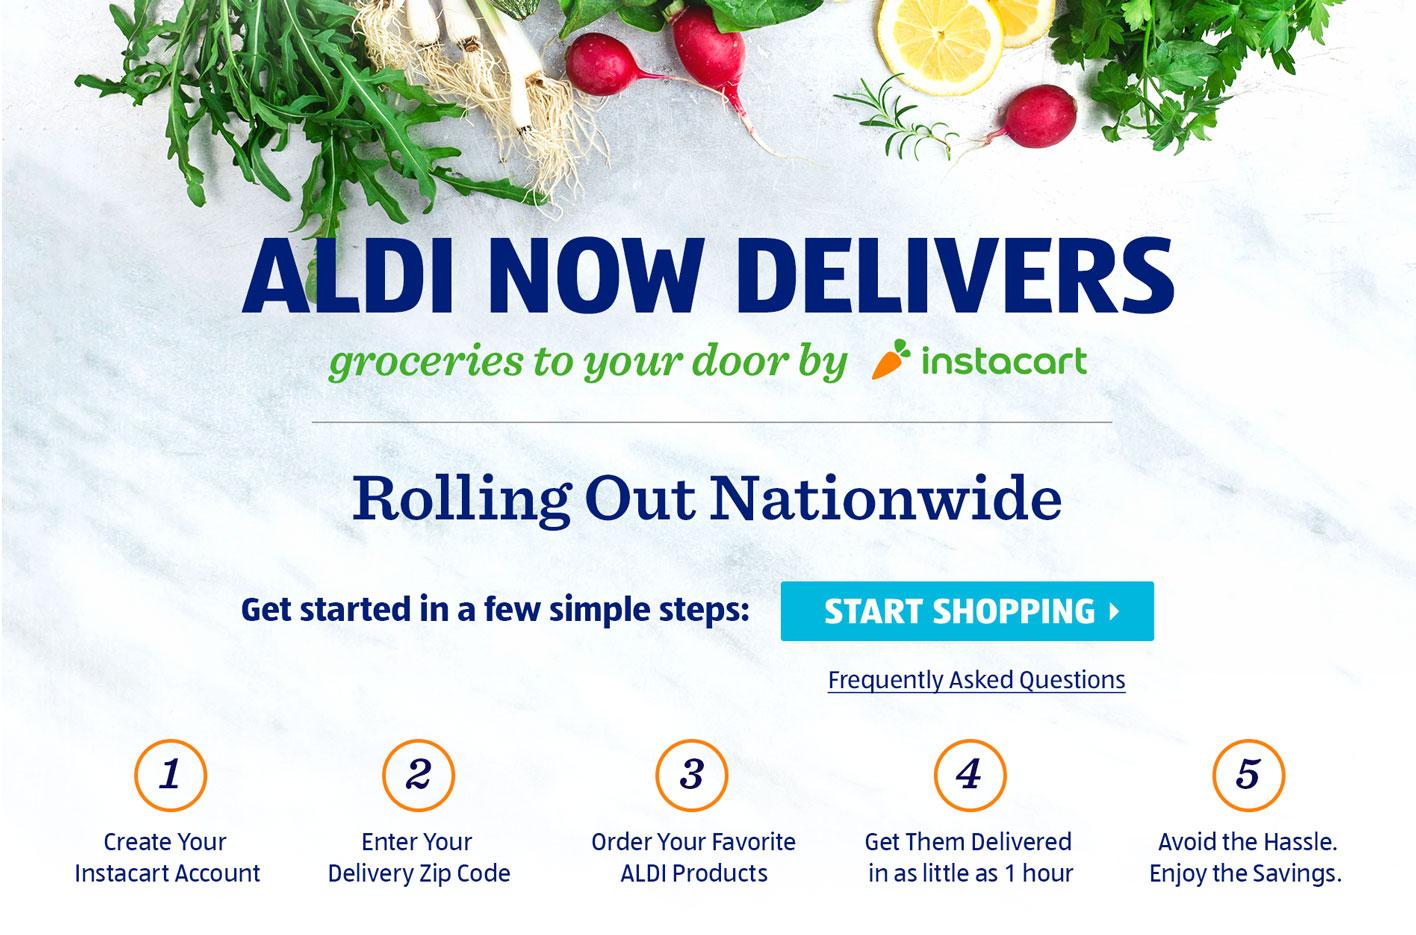 ALDI Delivers. Groceries to your door by Instacart.